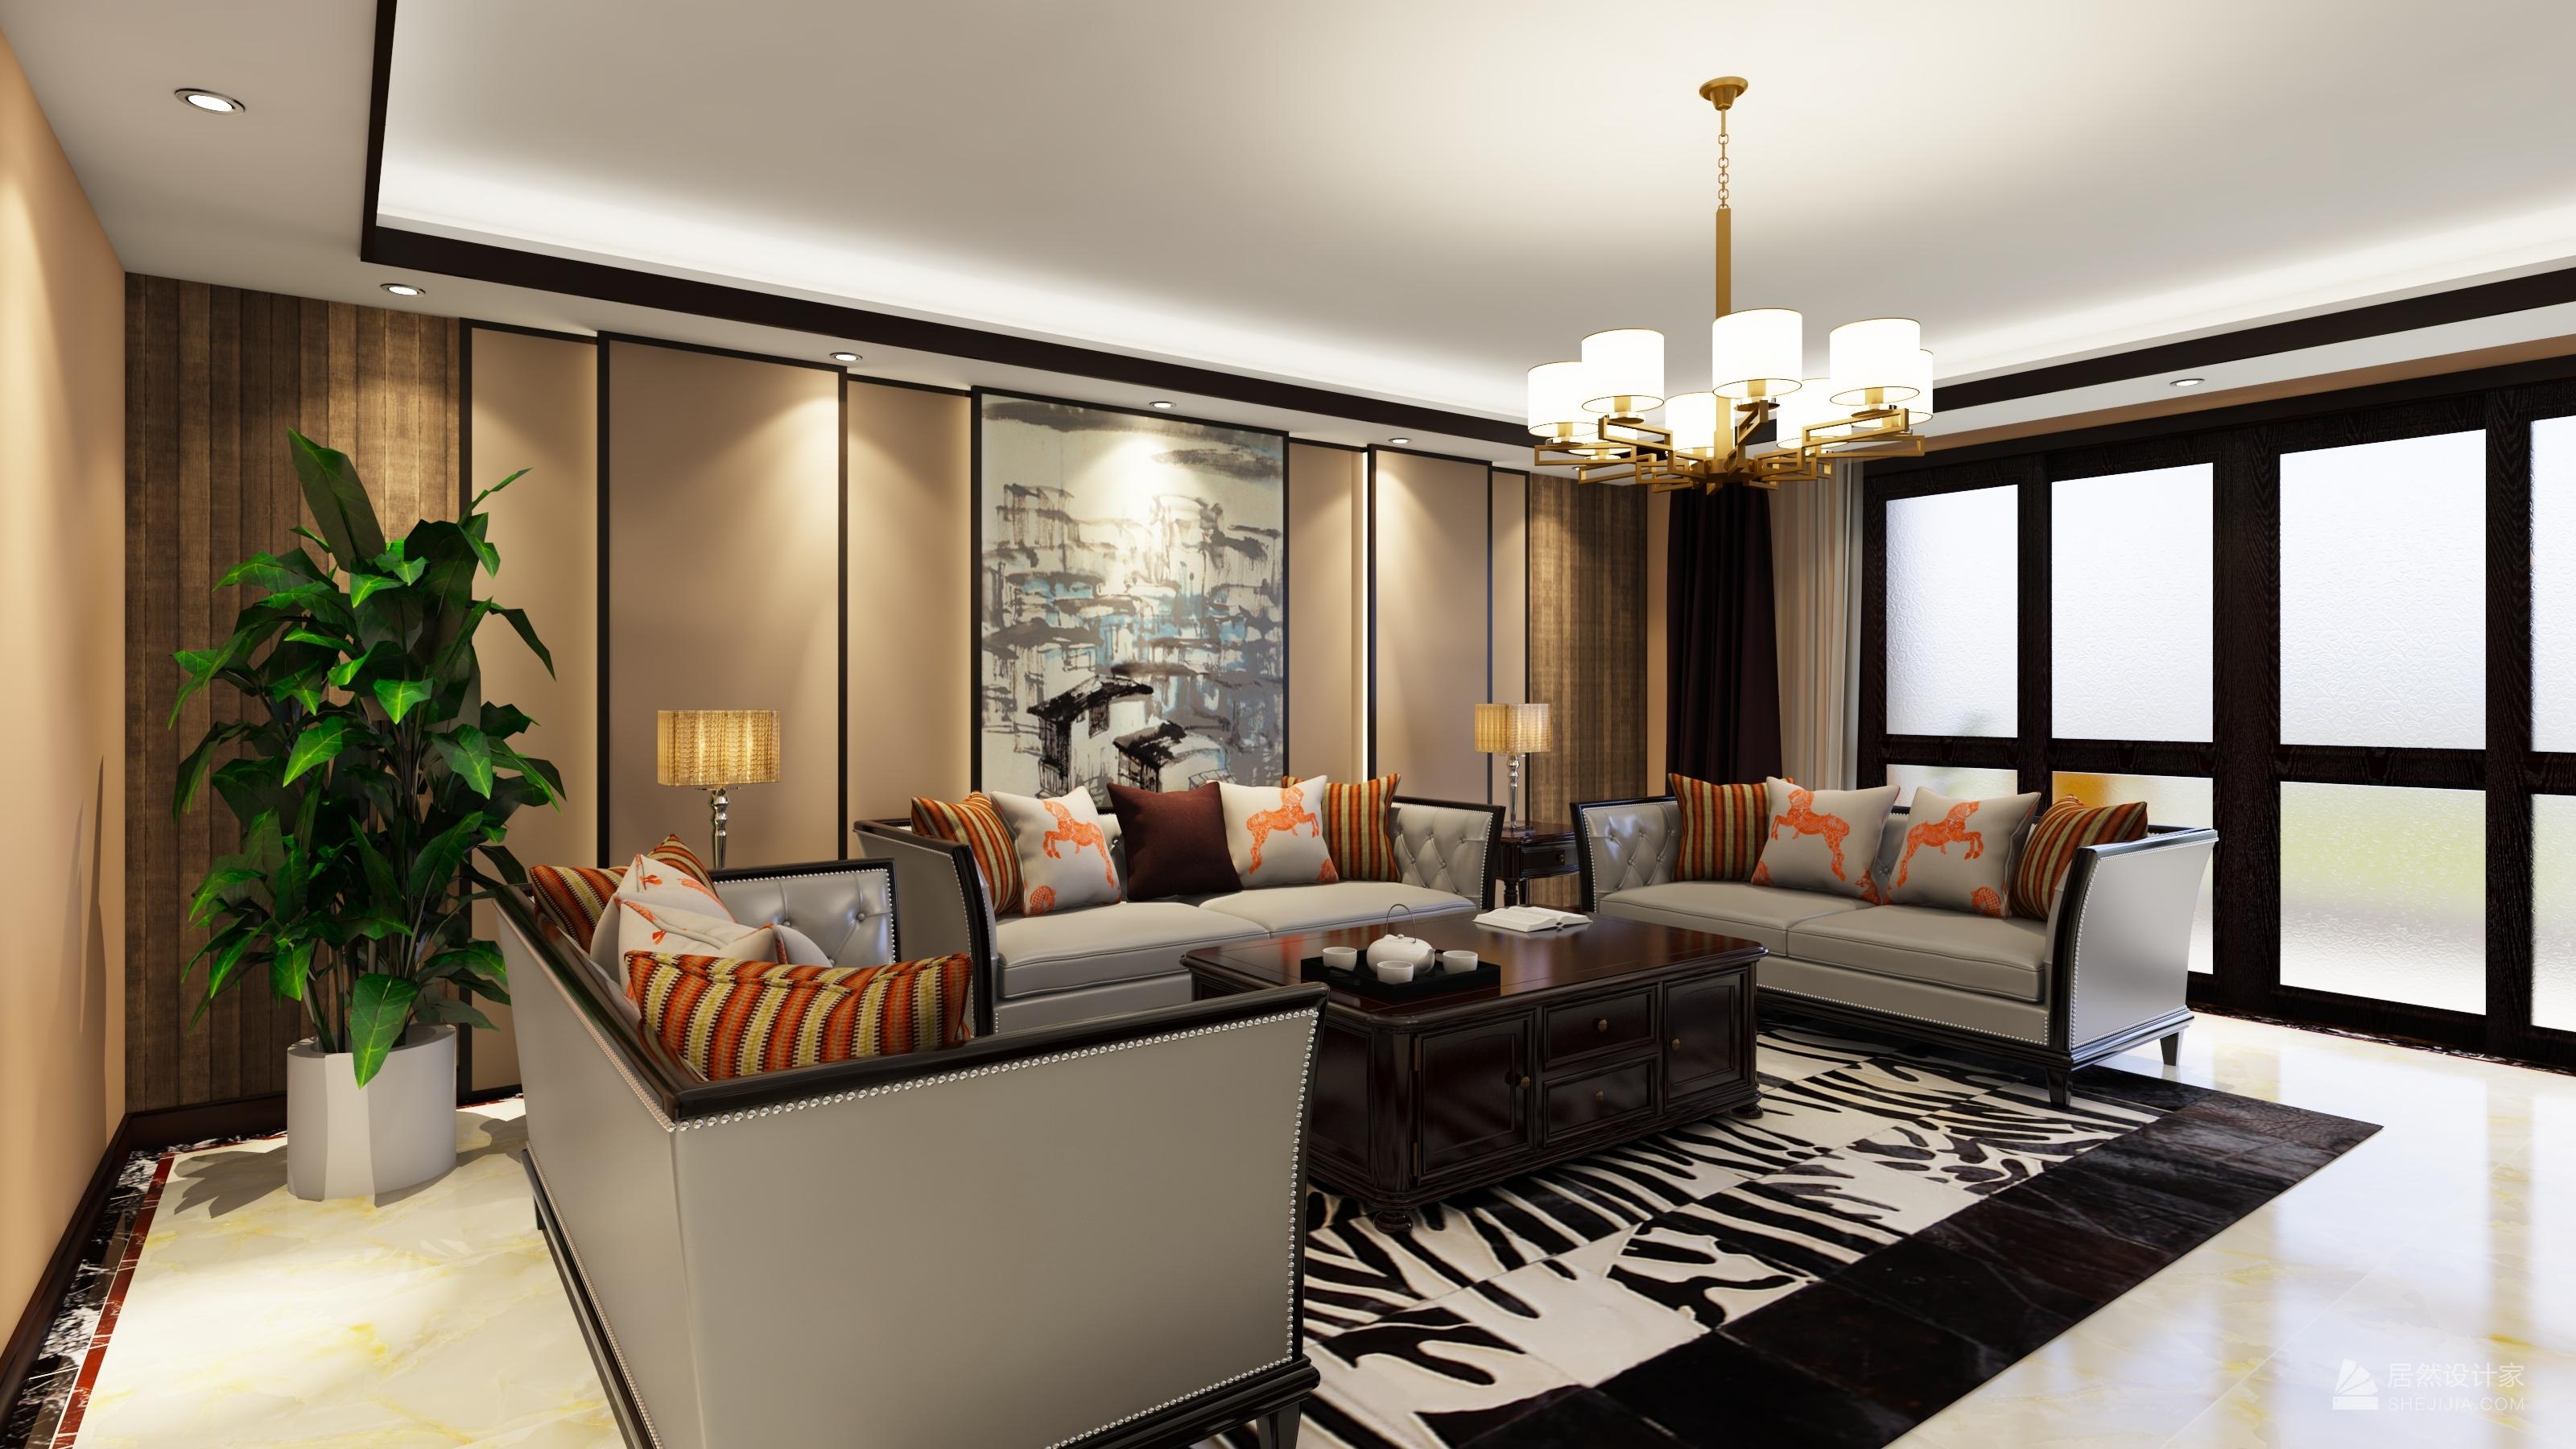 閱人-居然設計家-室內設計_家裝設計師案例_室內裝修